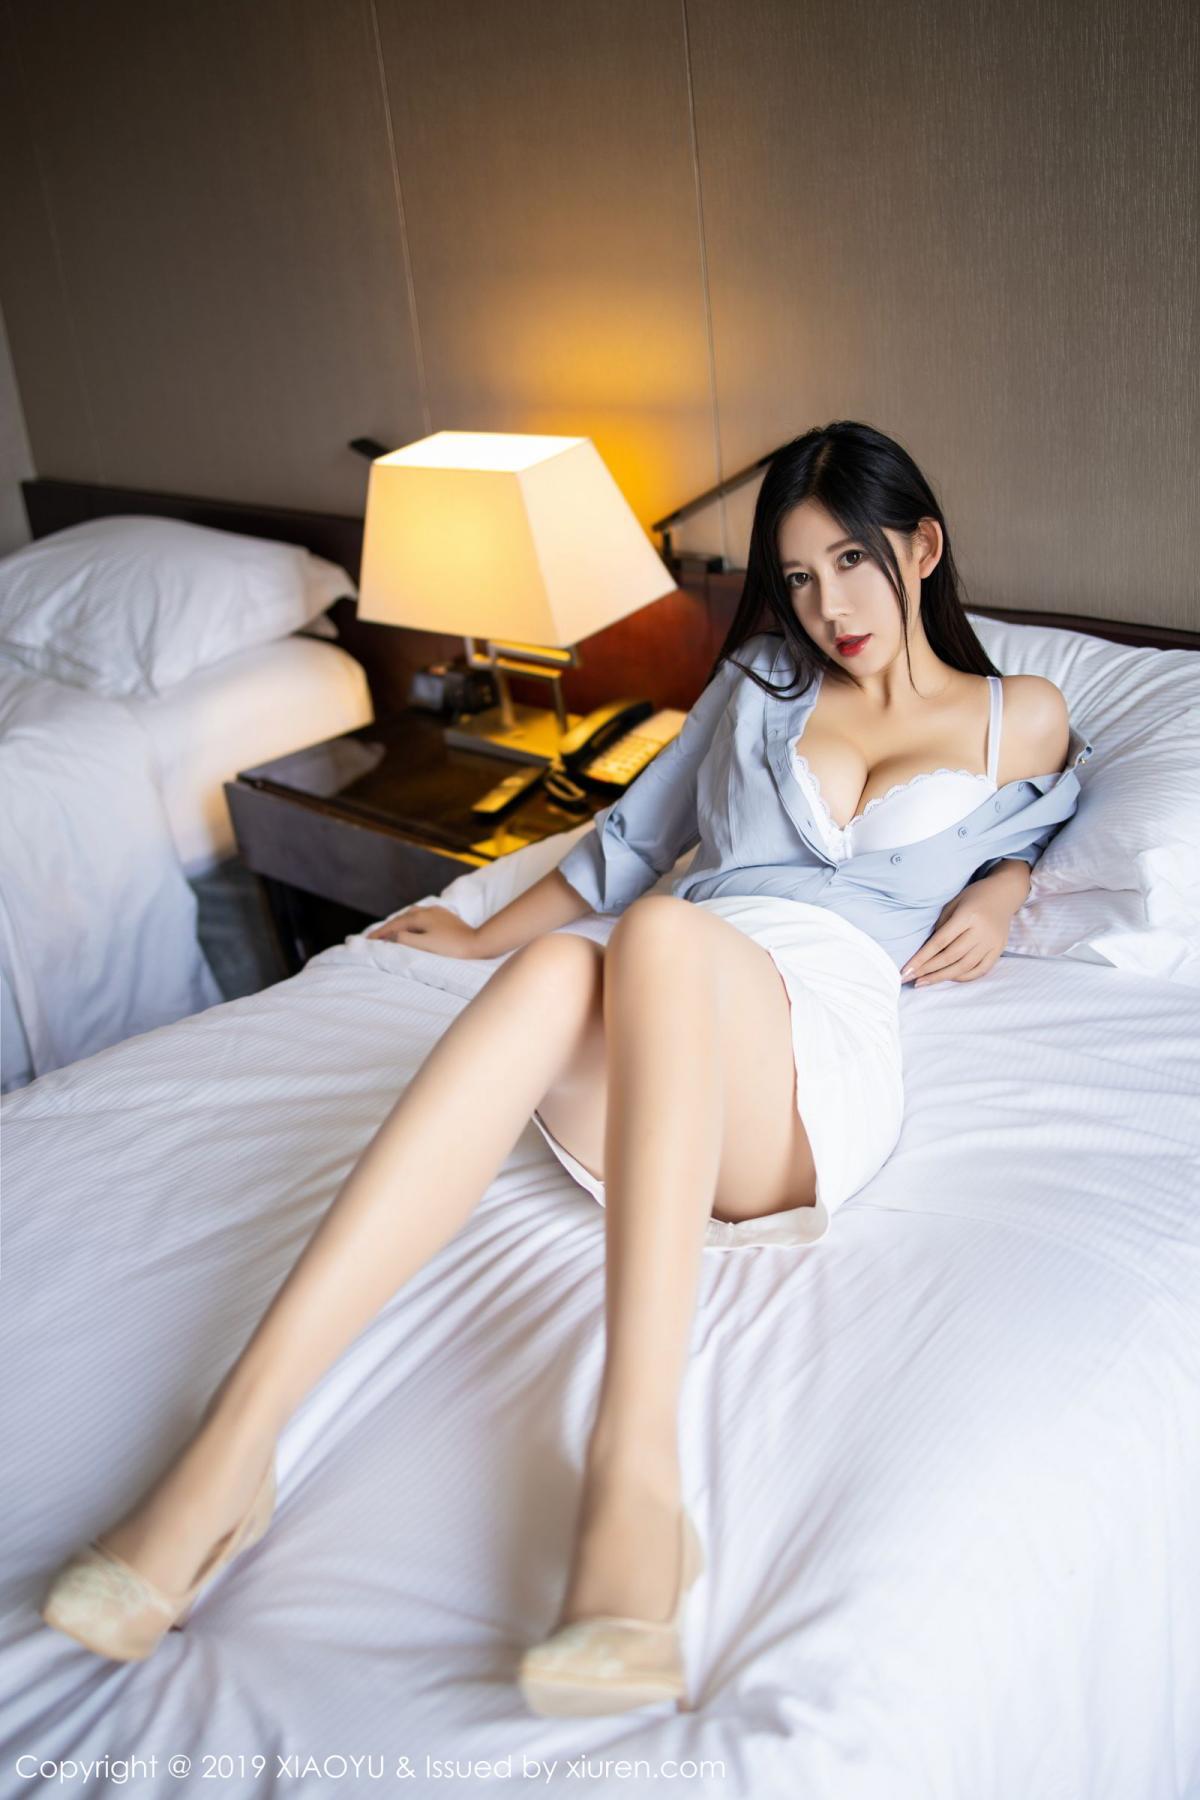 [XiaoYu] Vol.180 Li Ya 23P, Li Ya, Underwear, XiaoYu